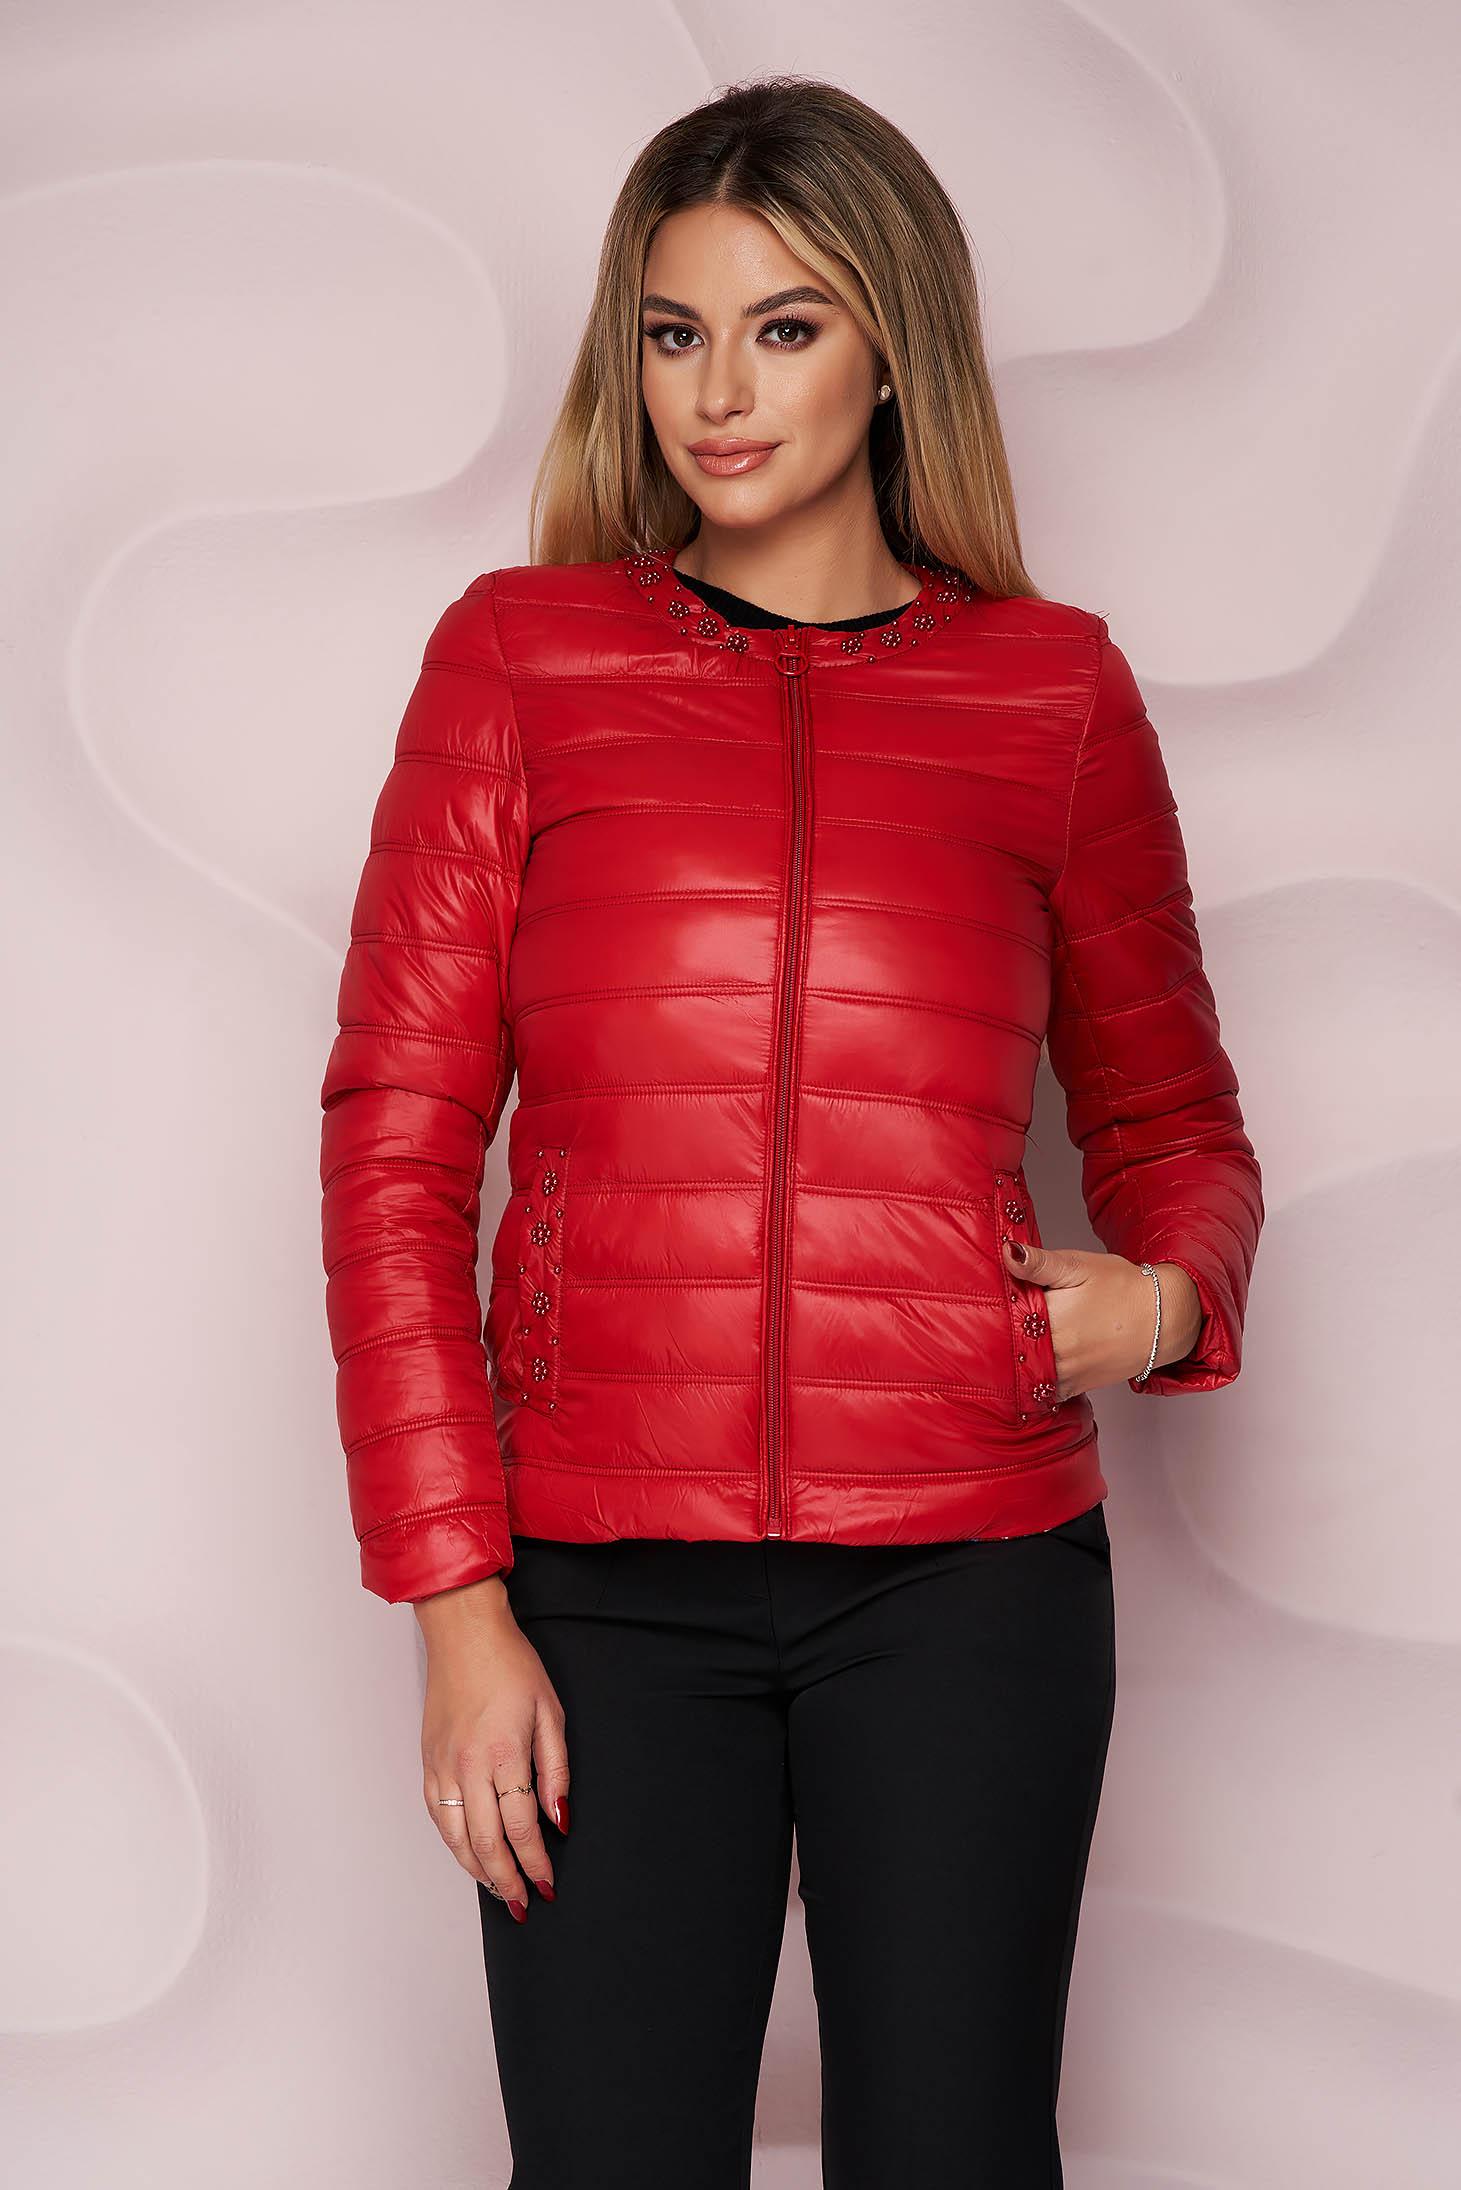 Egyenes szabású zsebes piros dzseki vízlepergető vékony anyagból gyöngy díszítéssel